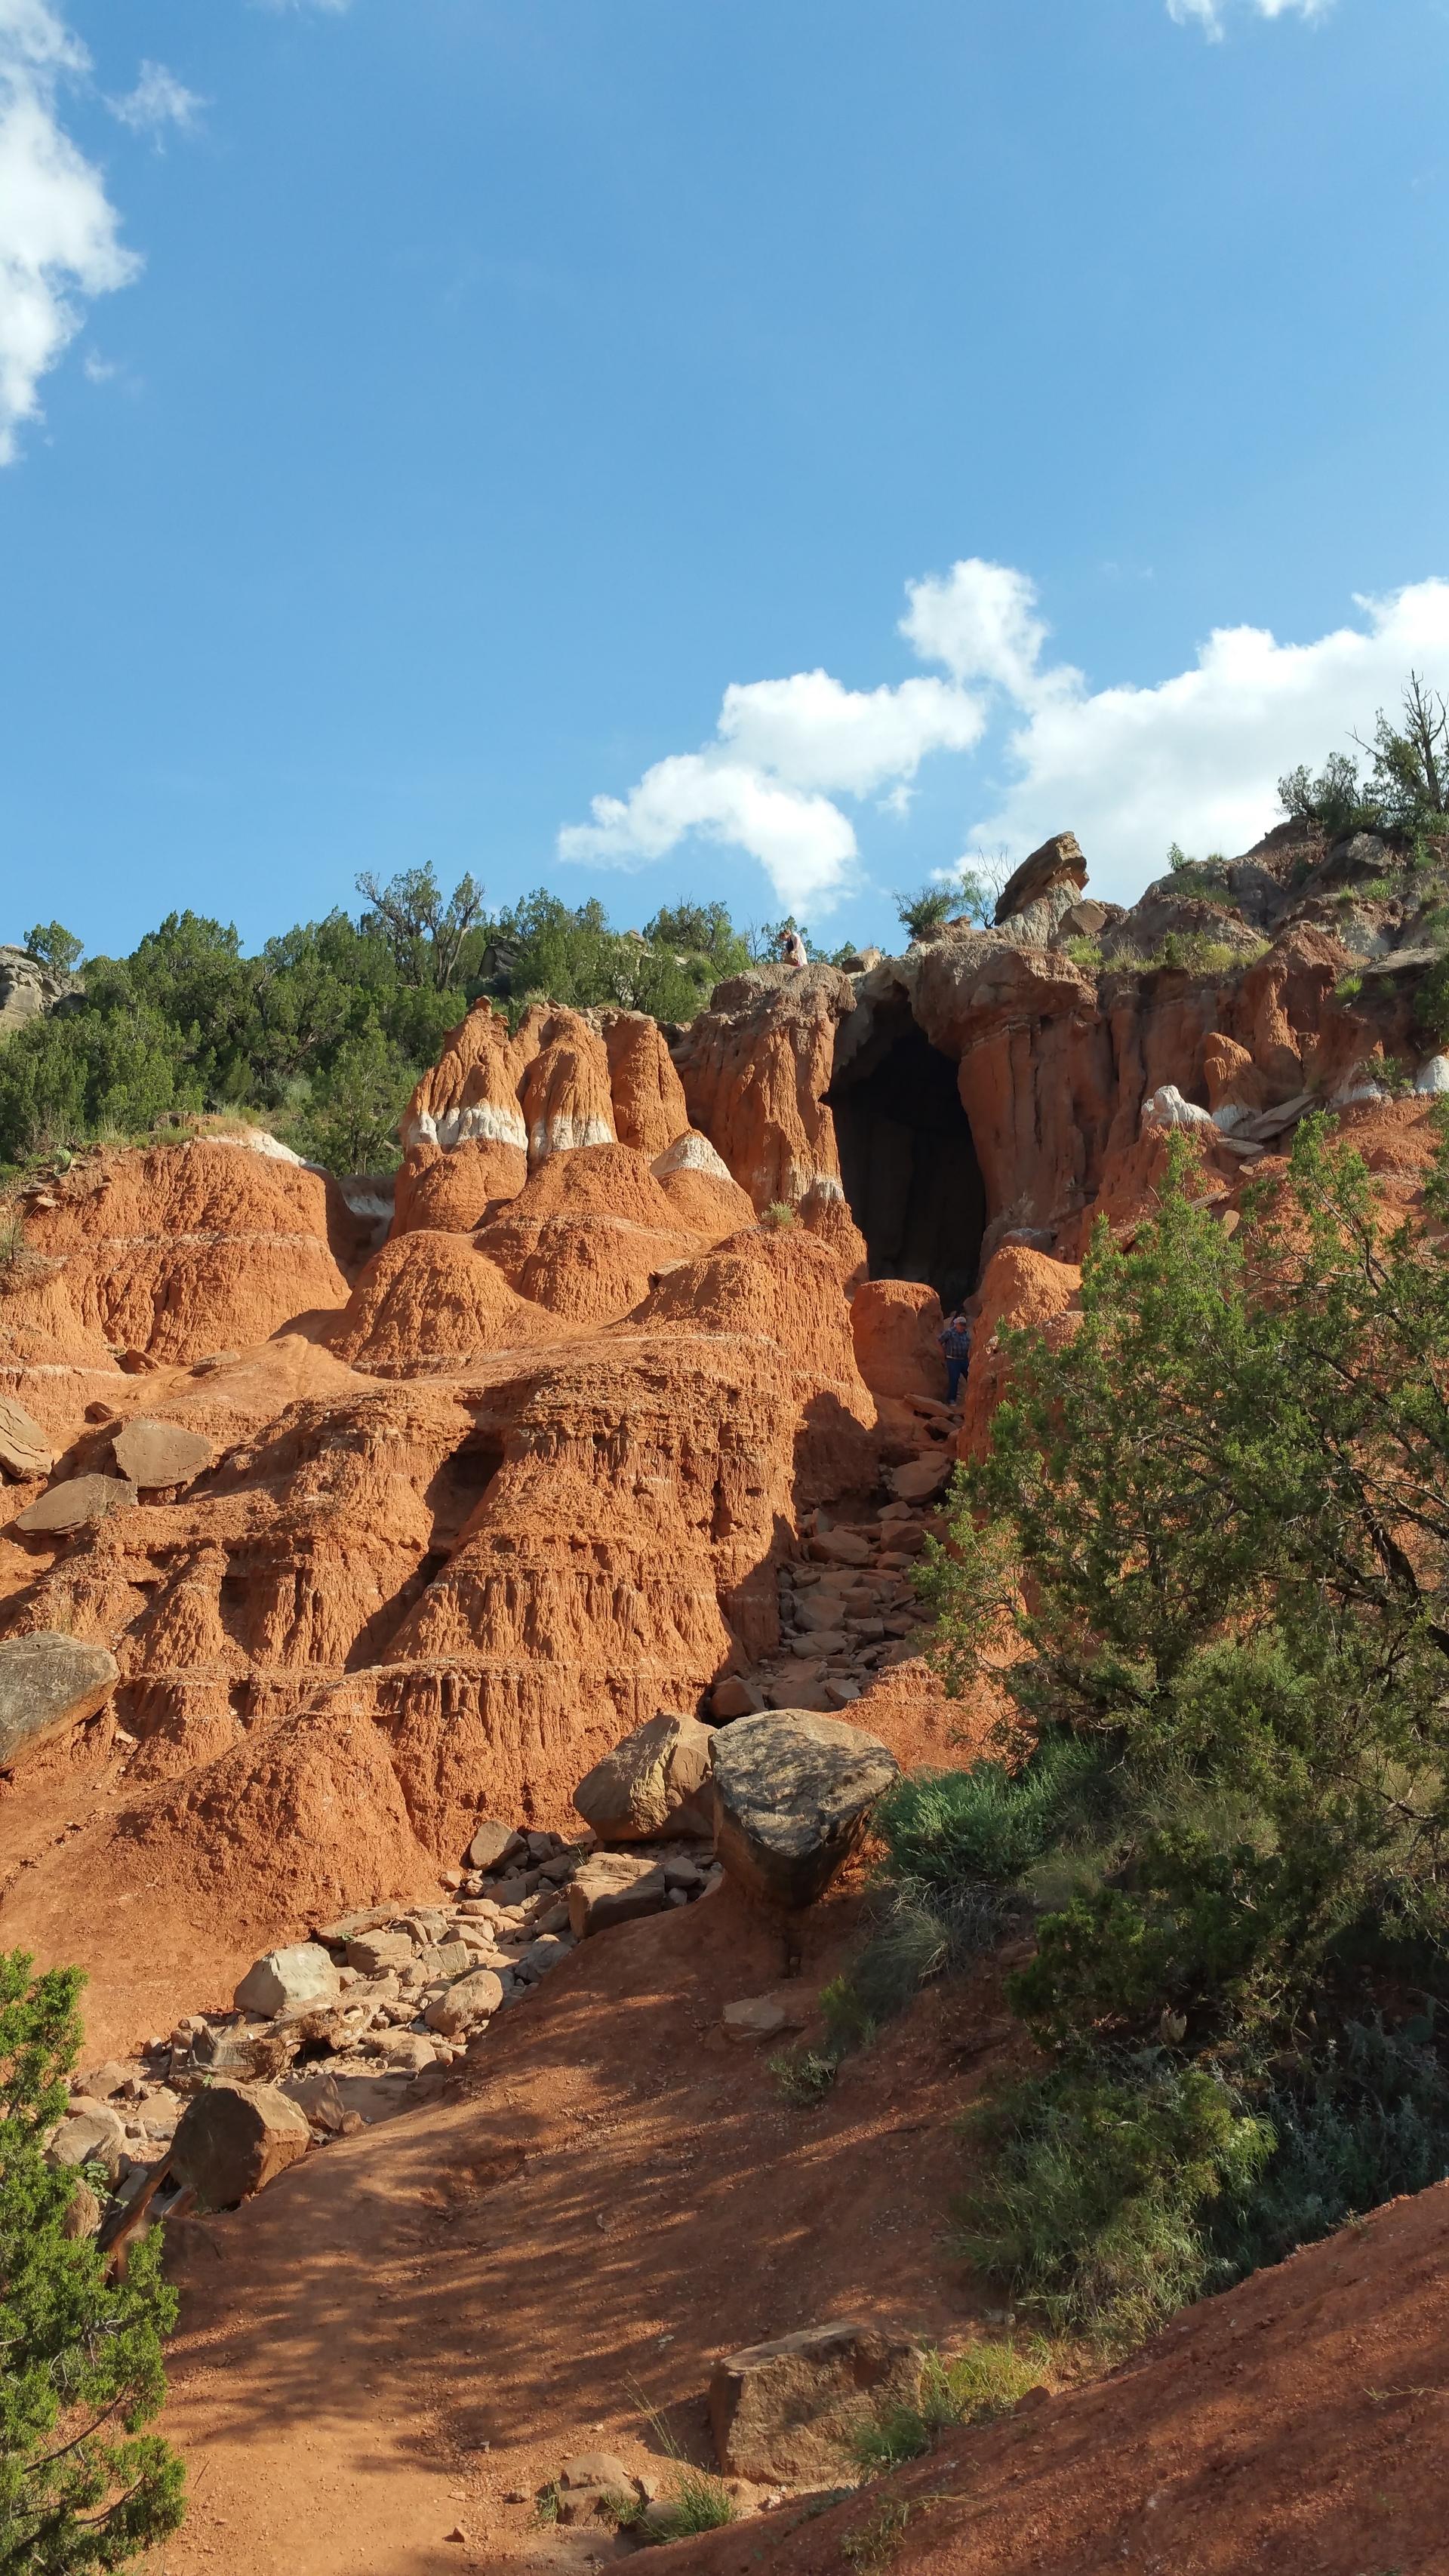 Canyon Days | jennycash, Palo Duro, daytime, travel